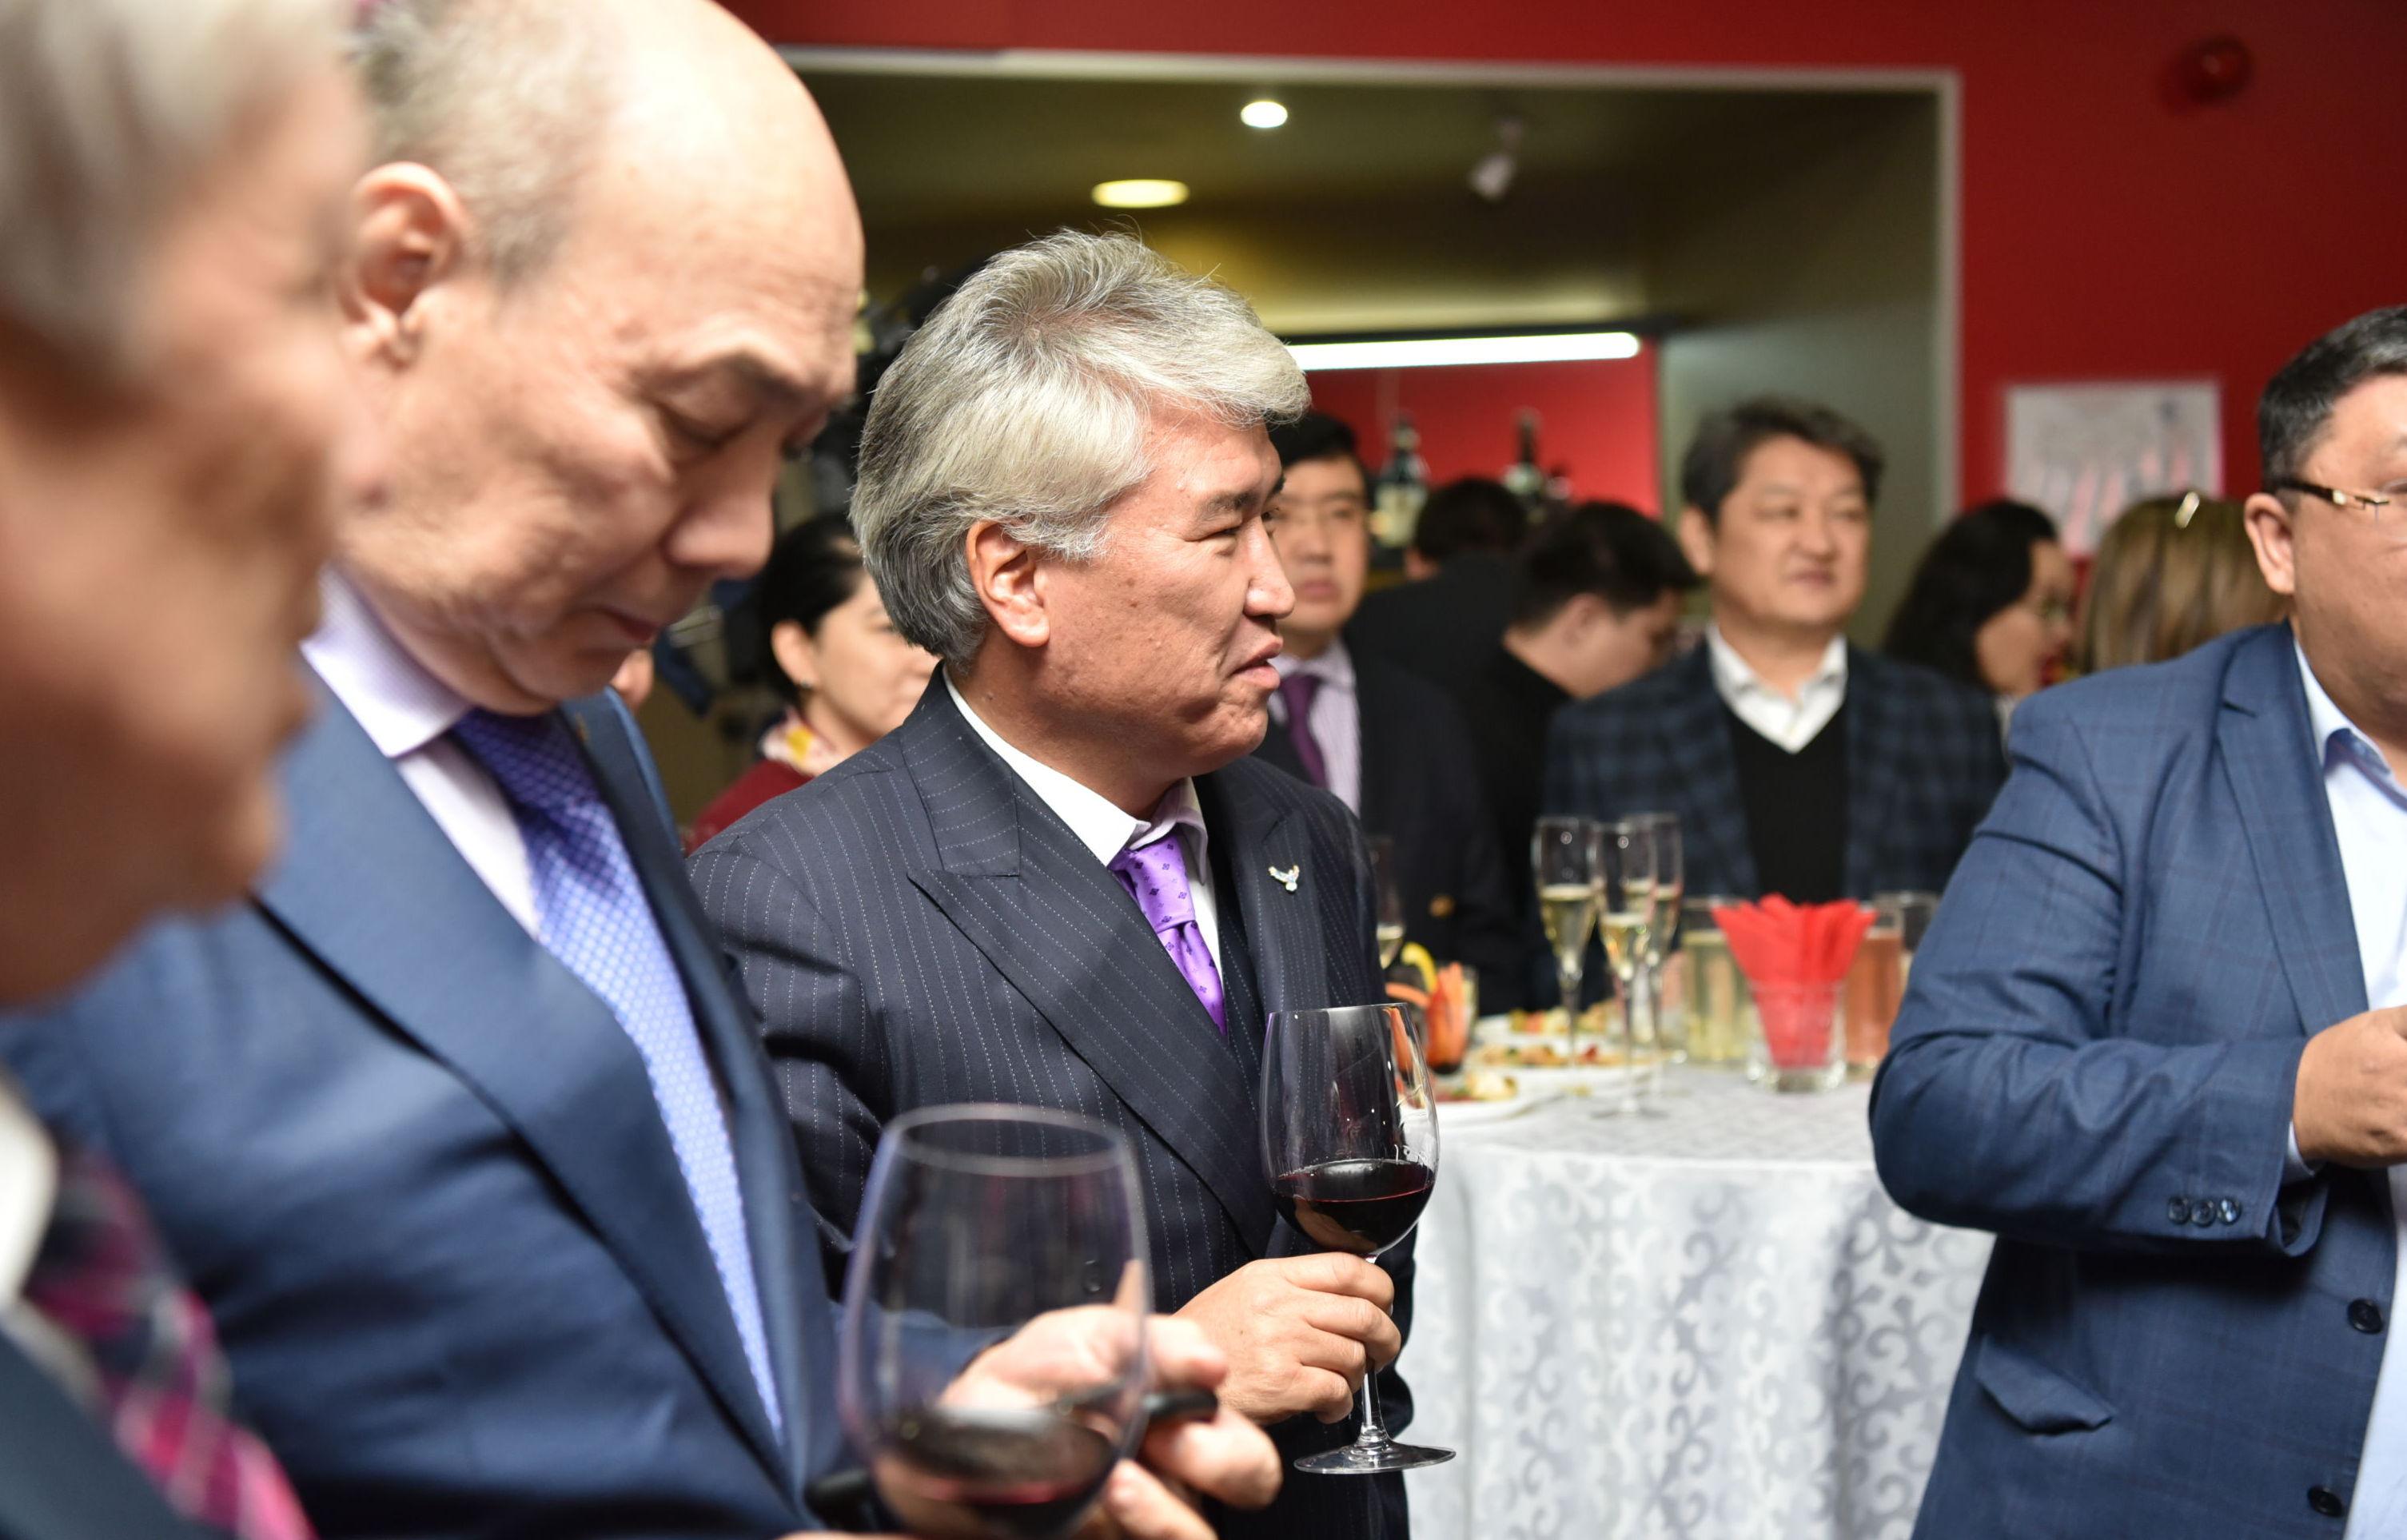 Министр культуры и спорта РК Арыстанбек Мухамедиулы на премьере фильма Айка в Астане